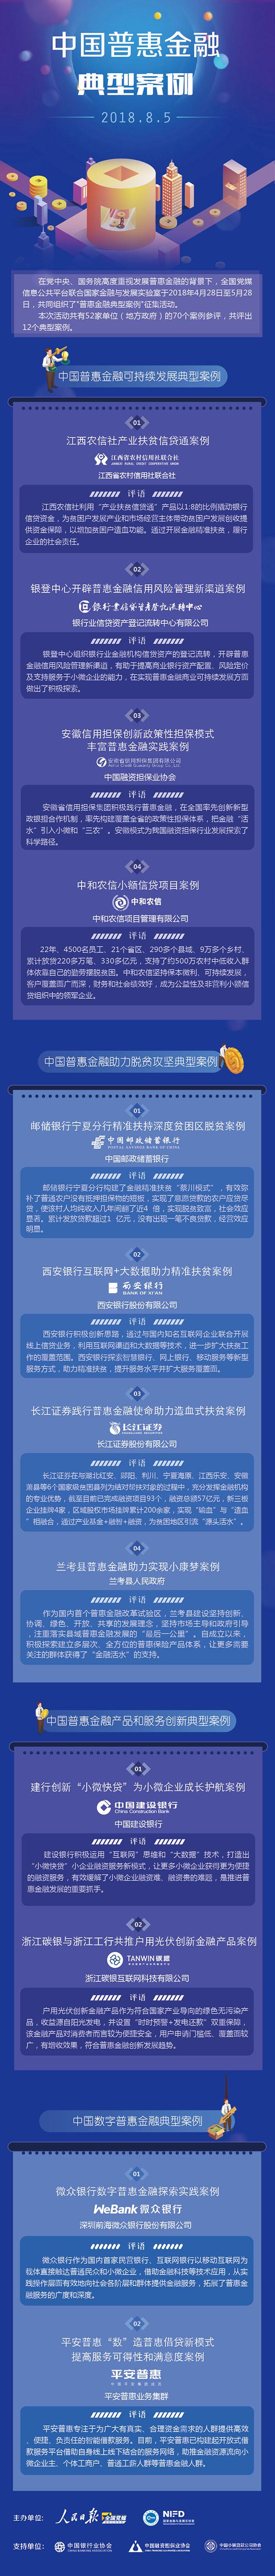 中国普惠金融典型案例